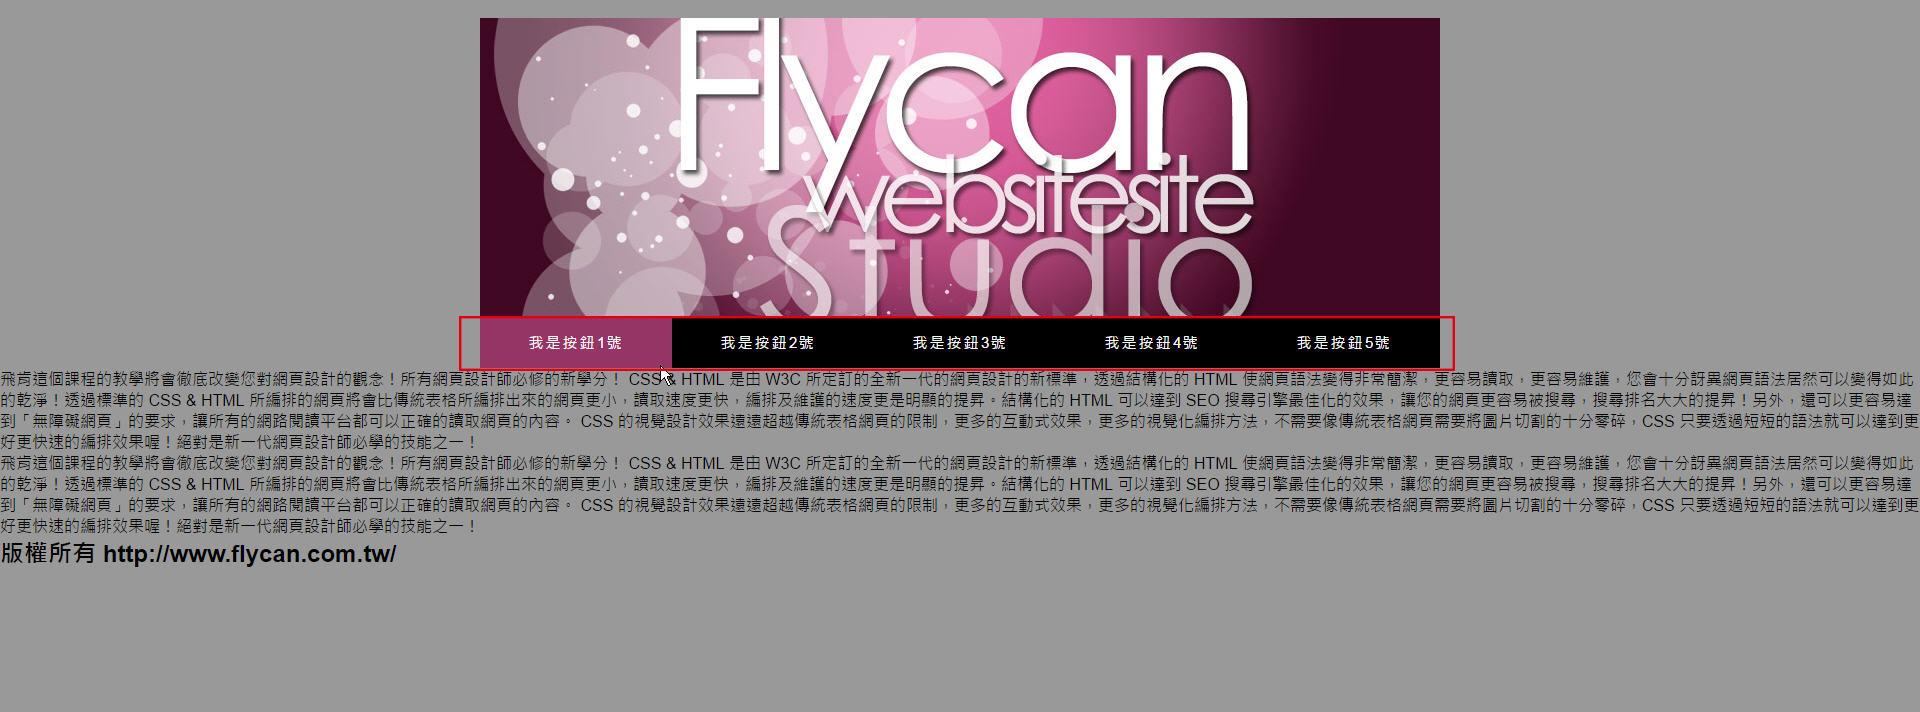 CSS 語法 - 網頁設計  - CSS 教學 – 單欄式網頁版型設計 - text-012